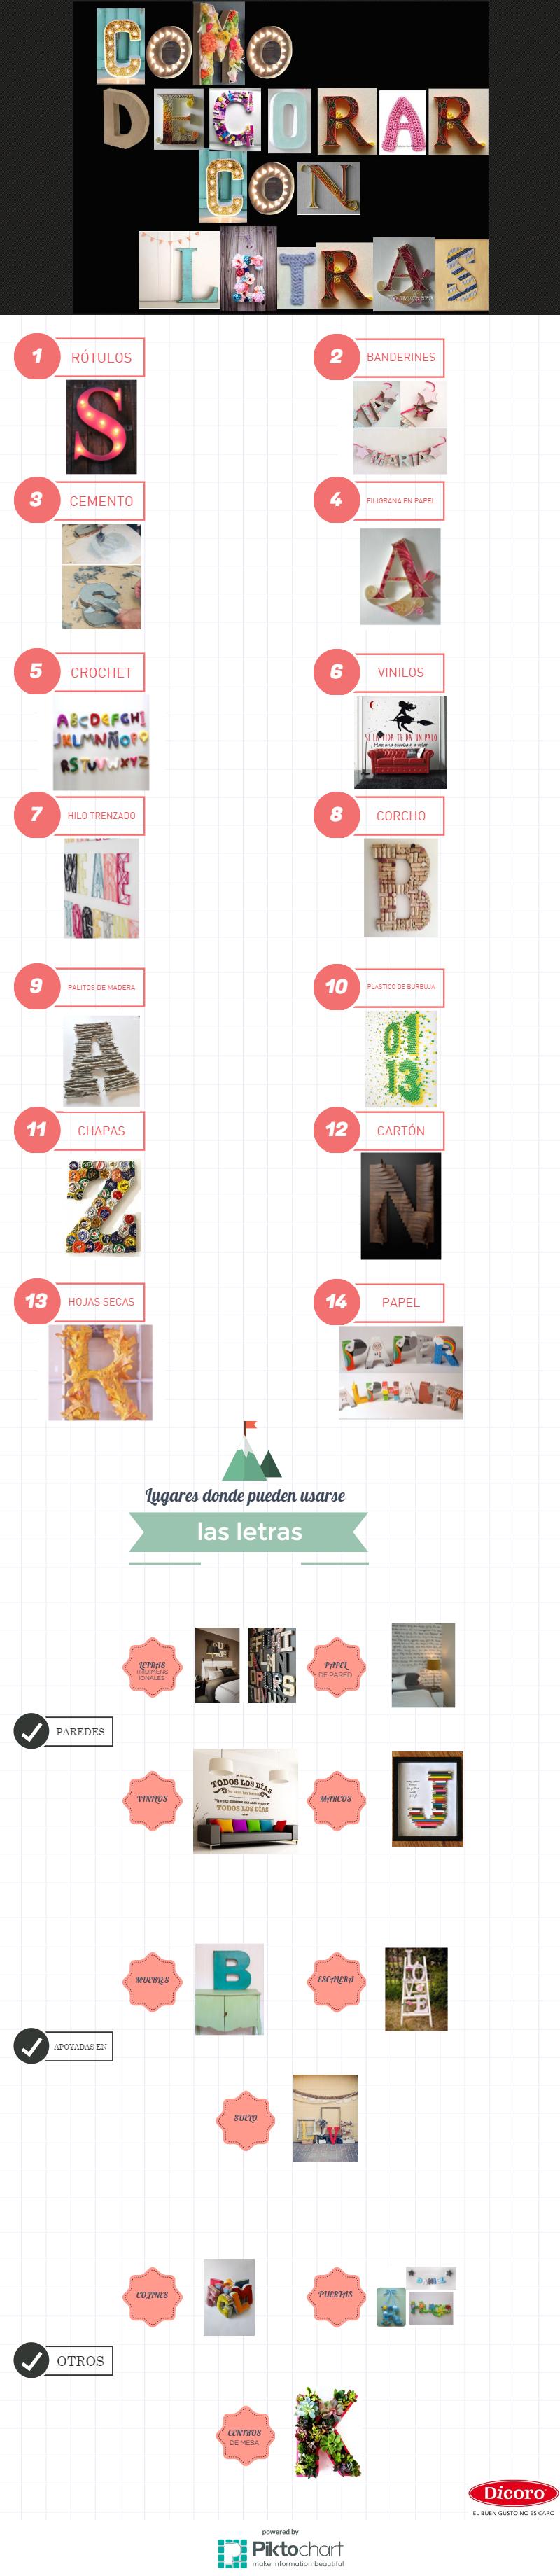 Cómo decorar letras infografía